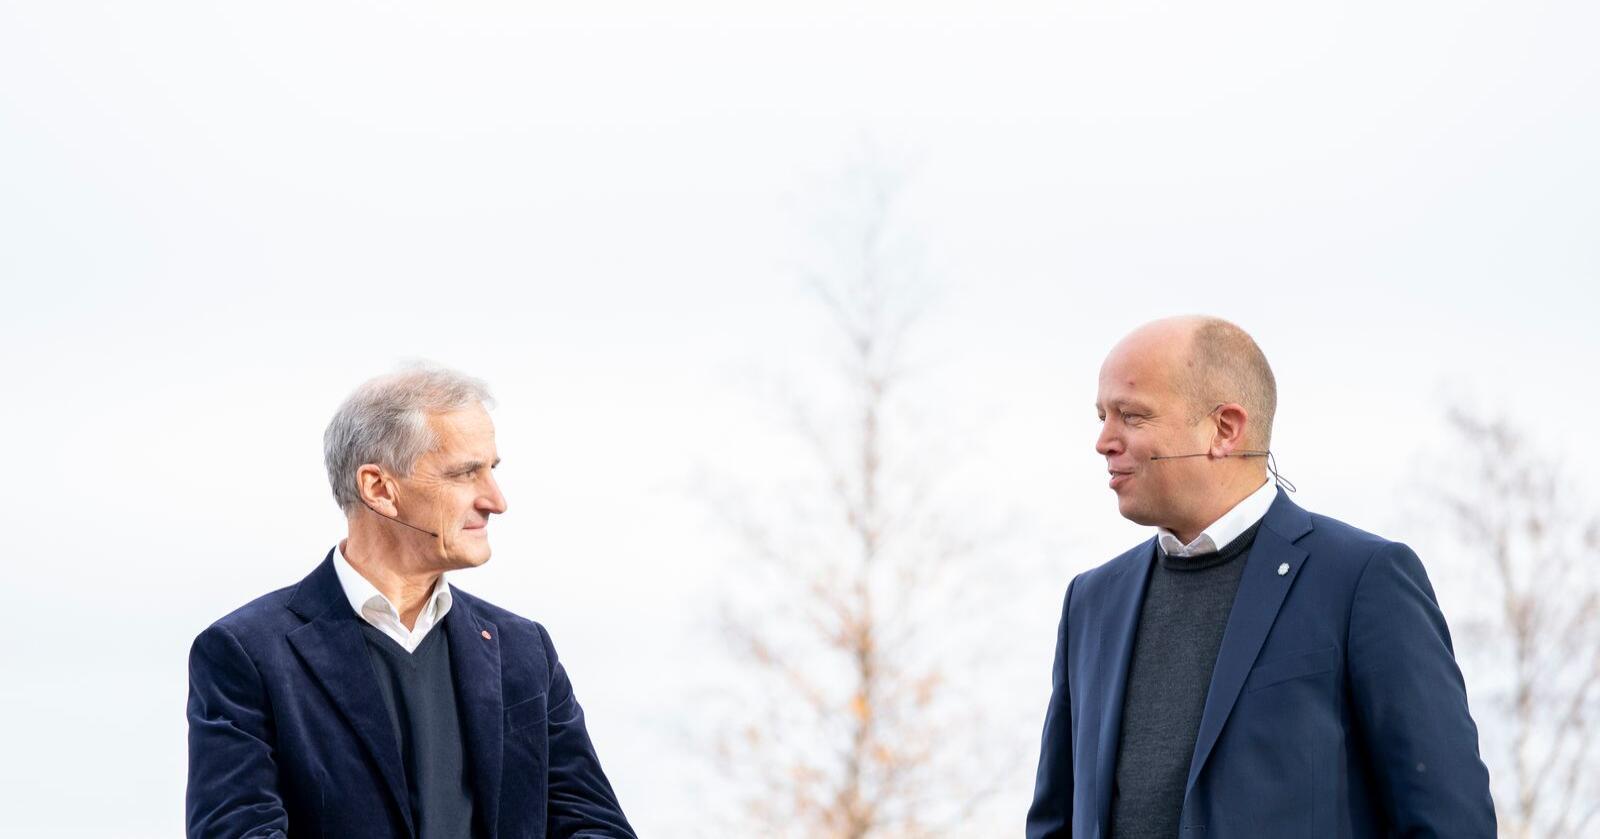 Ap-leder Jonas Gahr Støre og Sp-leder Trygve Slagsvold Vedum vil ha flere statlige arbeidsplasser ut i landet. Foto: Torstein Bøe / NTB